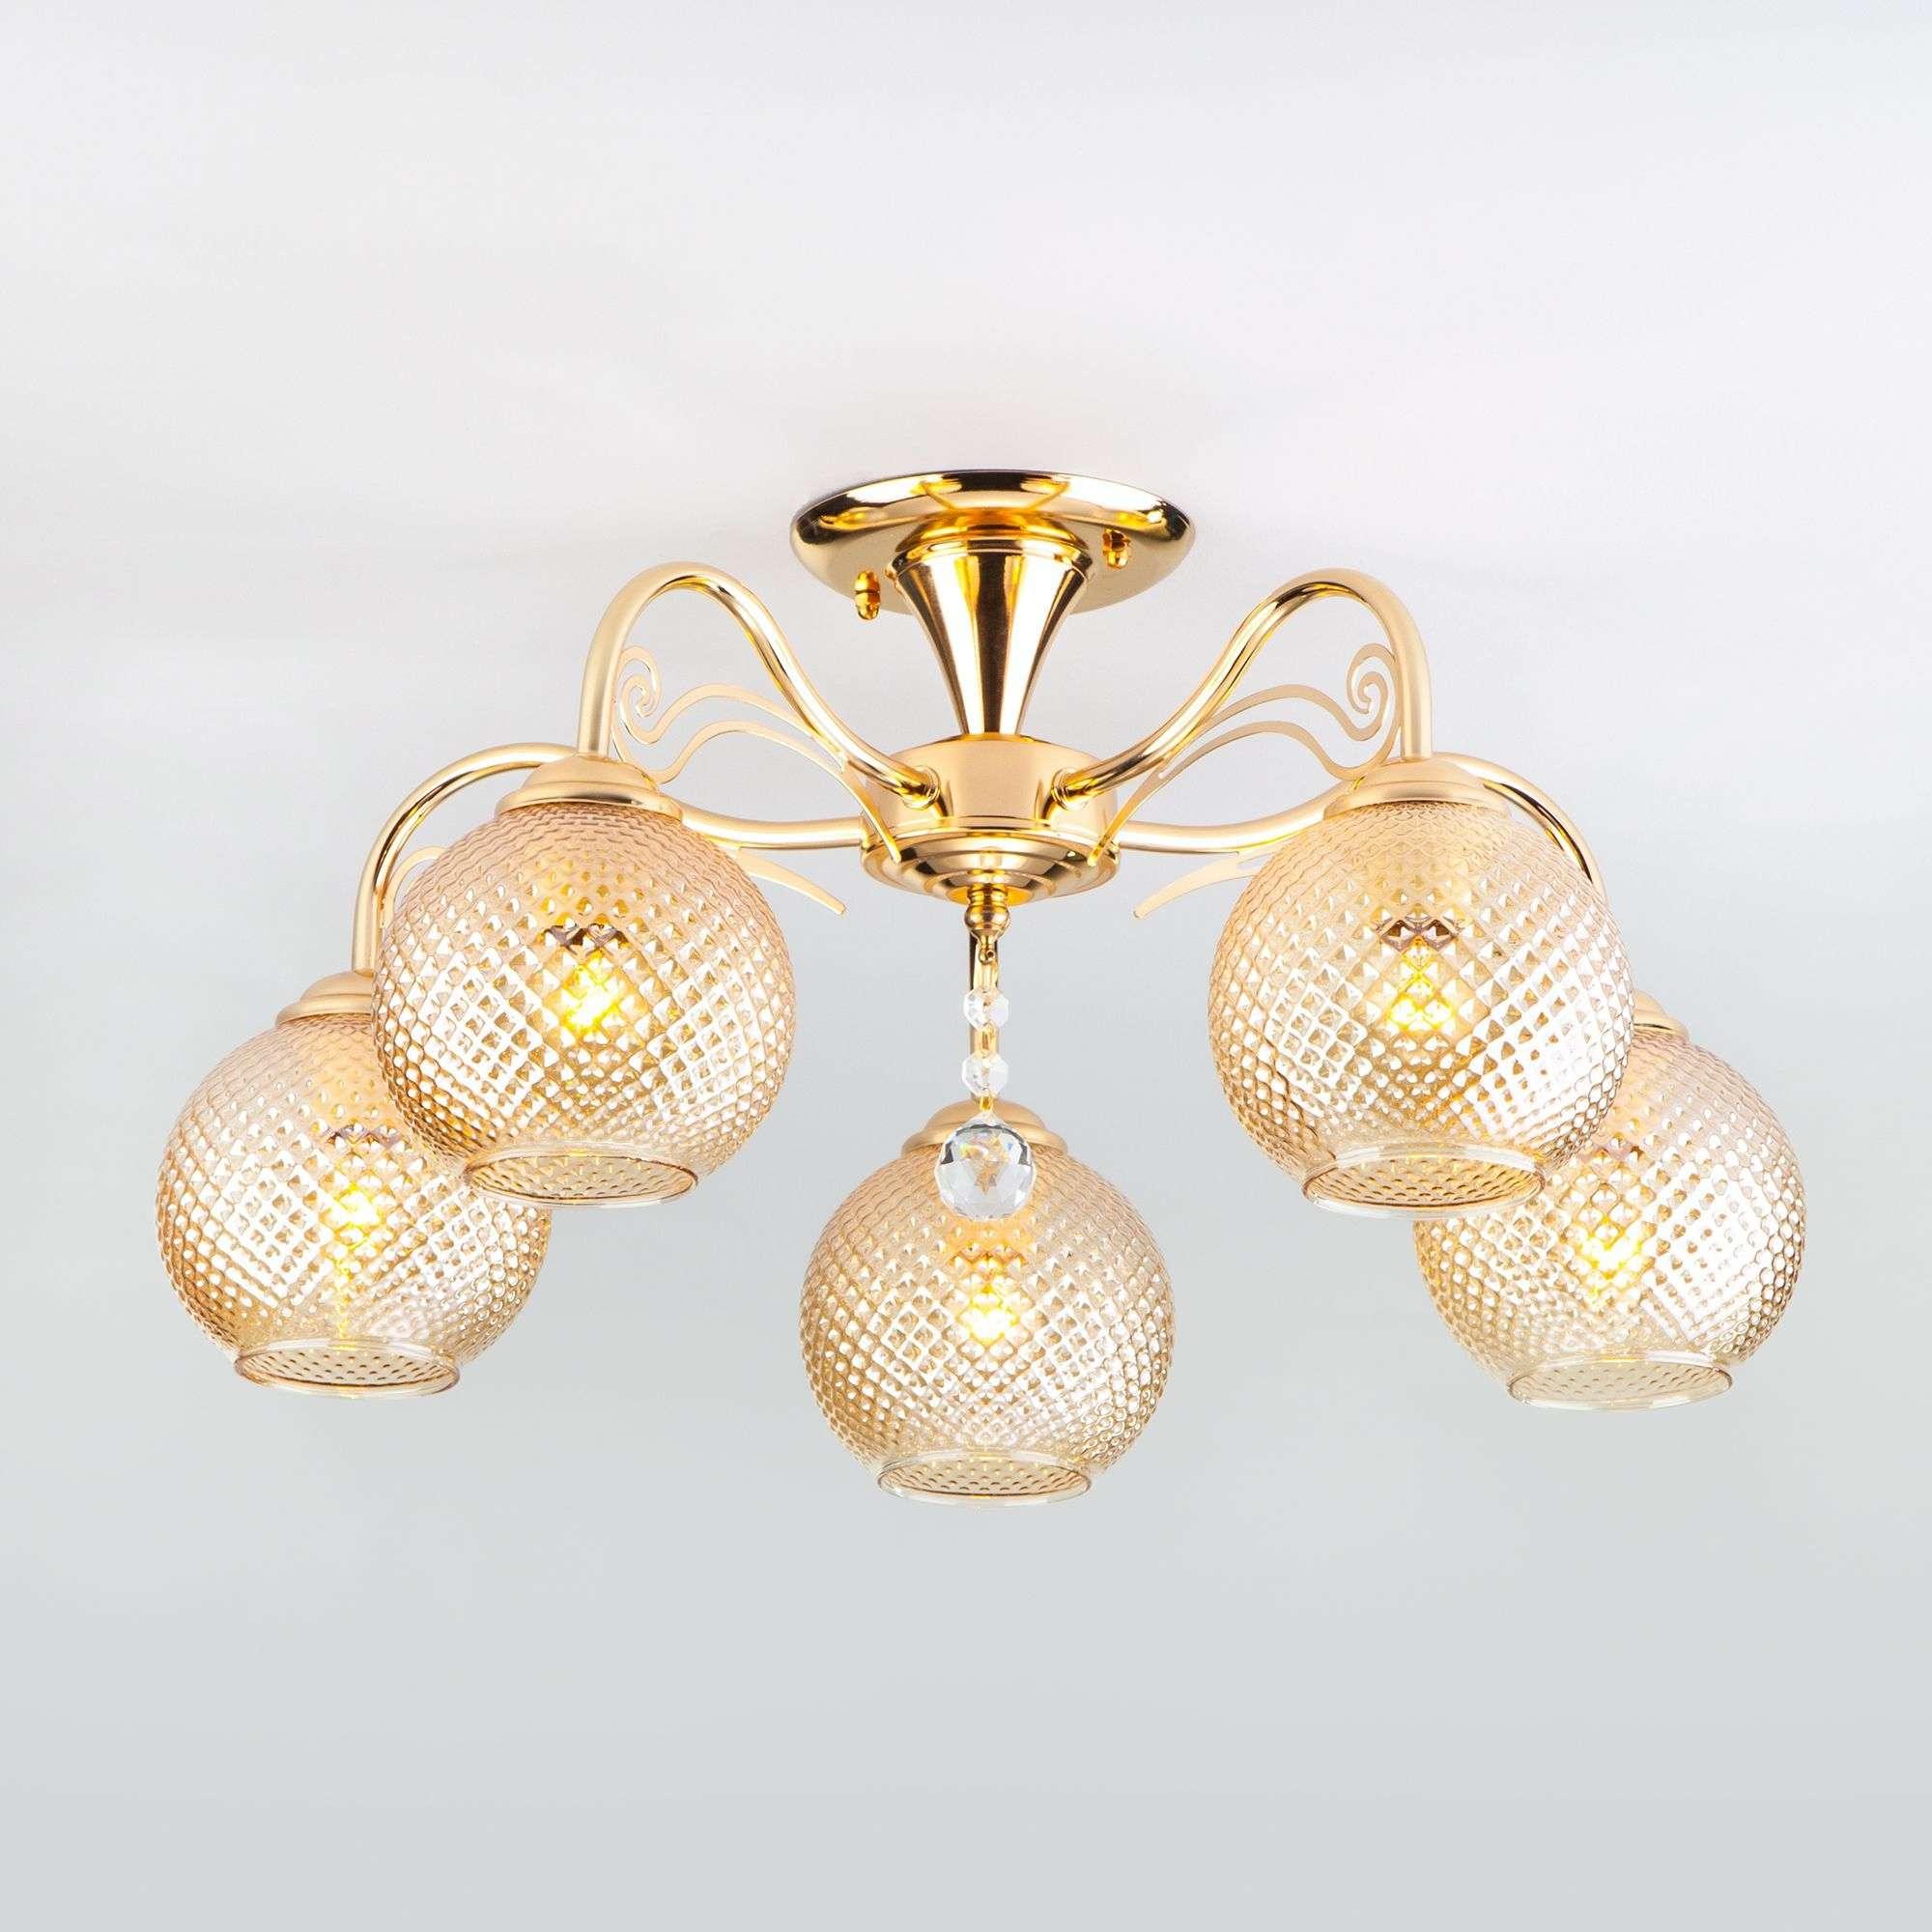 Потолочная люстра со стеклянными плафонами 30139/5 золото